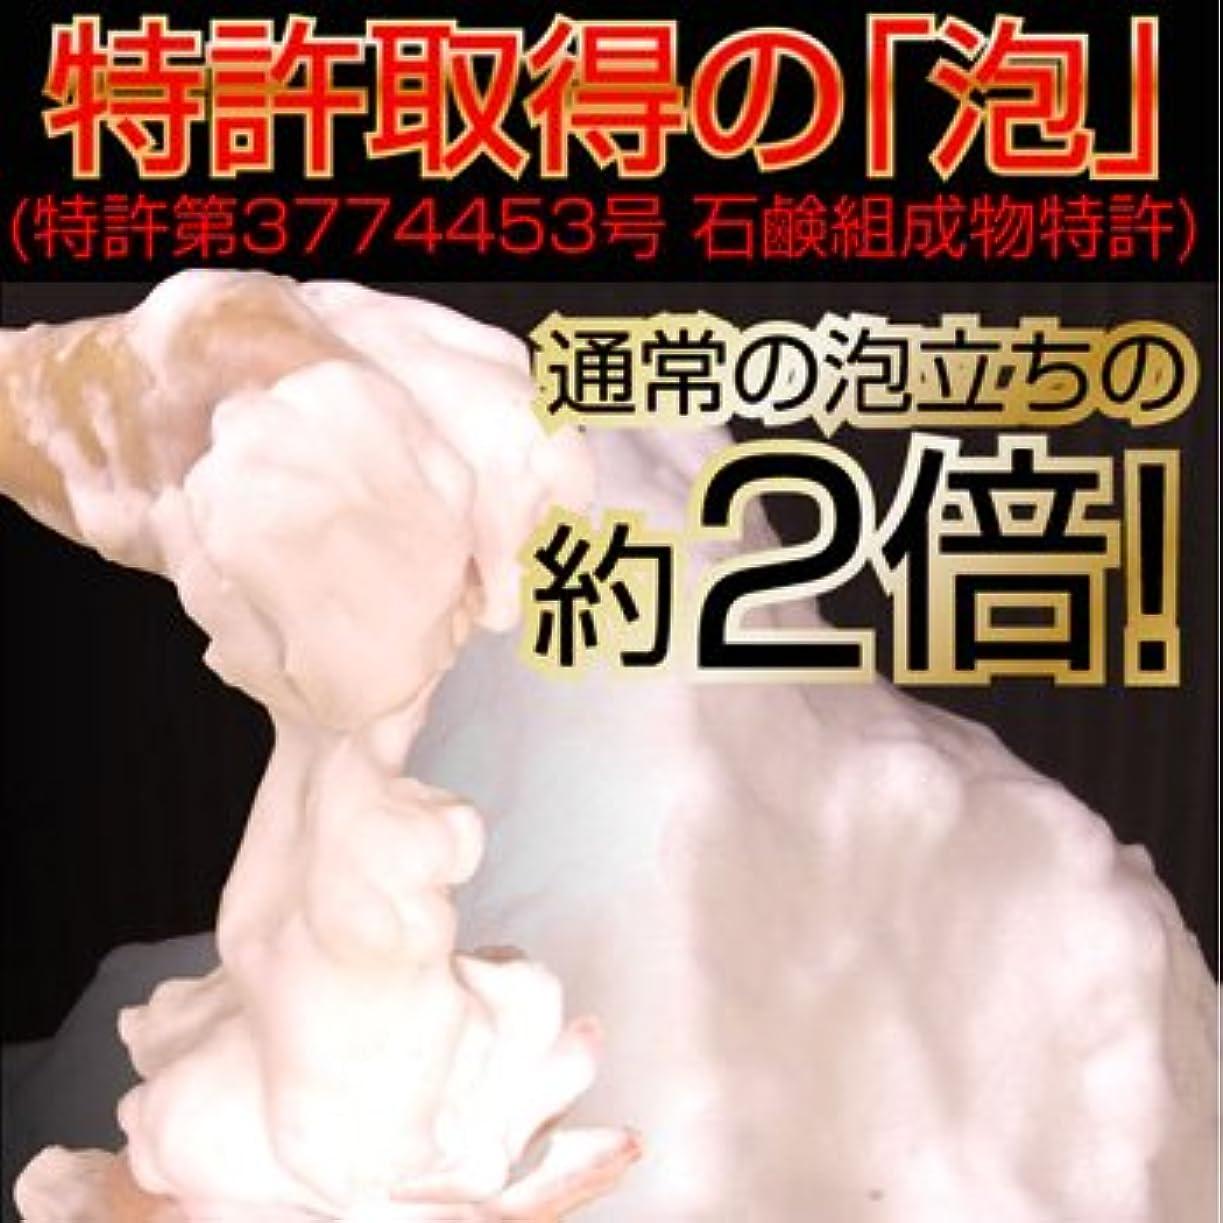 ゴミ箱を空にする東部納税者京都プレミアム 石鹸 2個セット